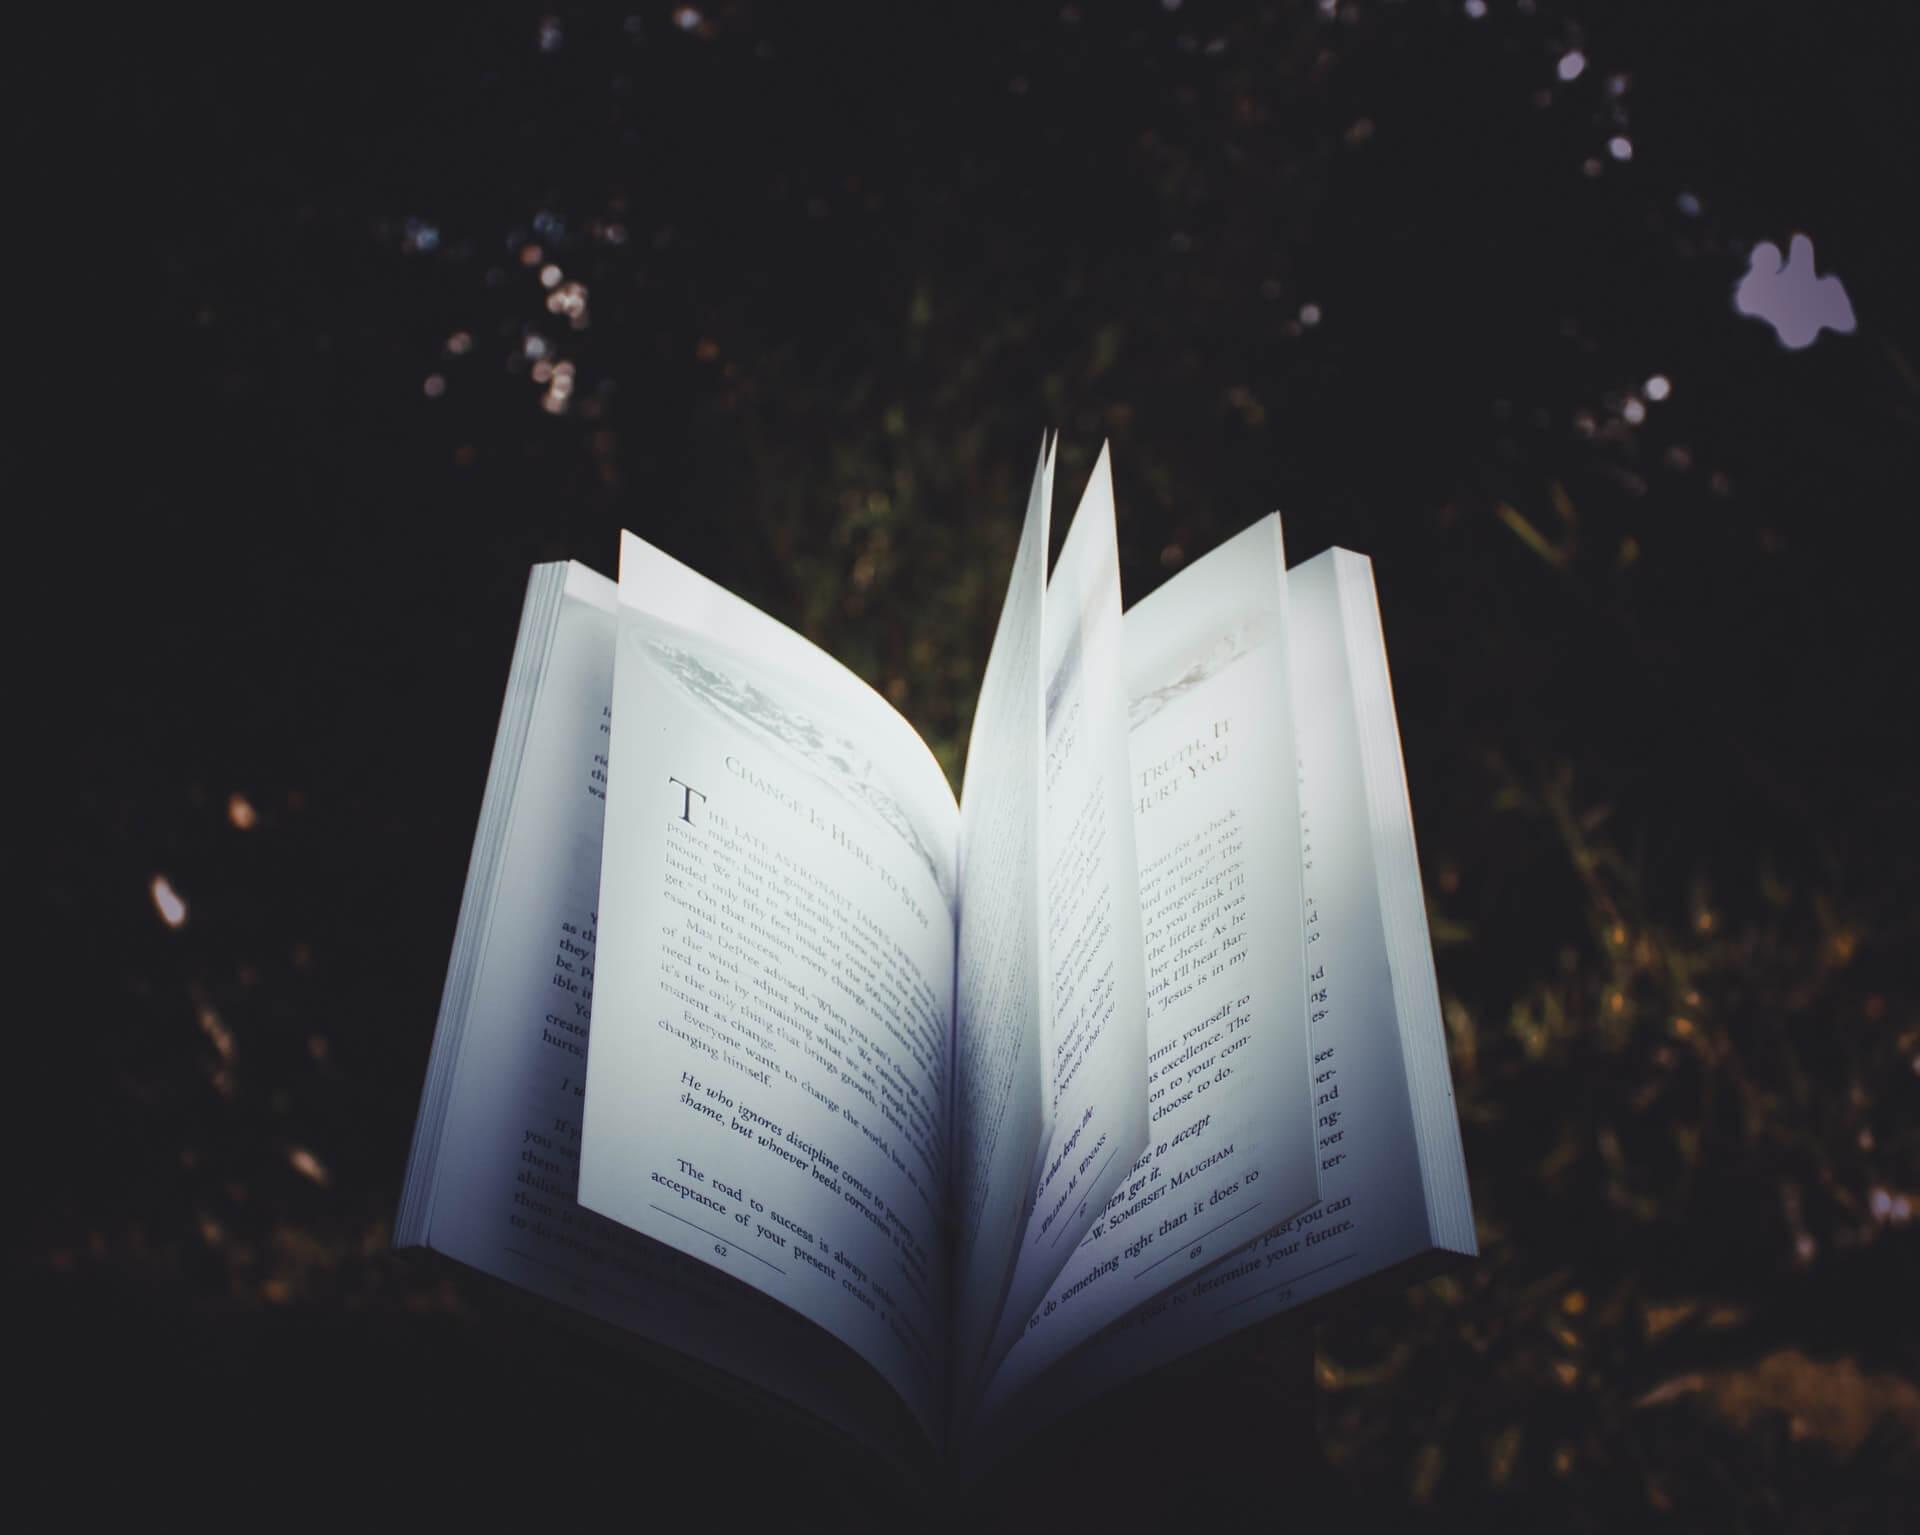 Parole e Mindfulness: Per un tuo sguardo